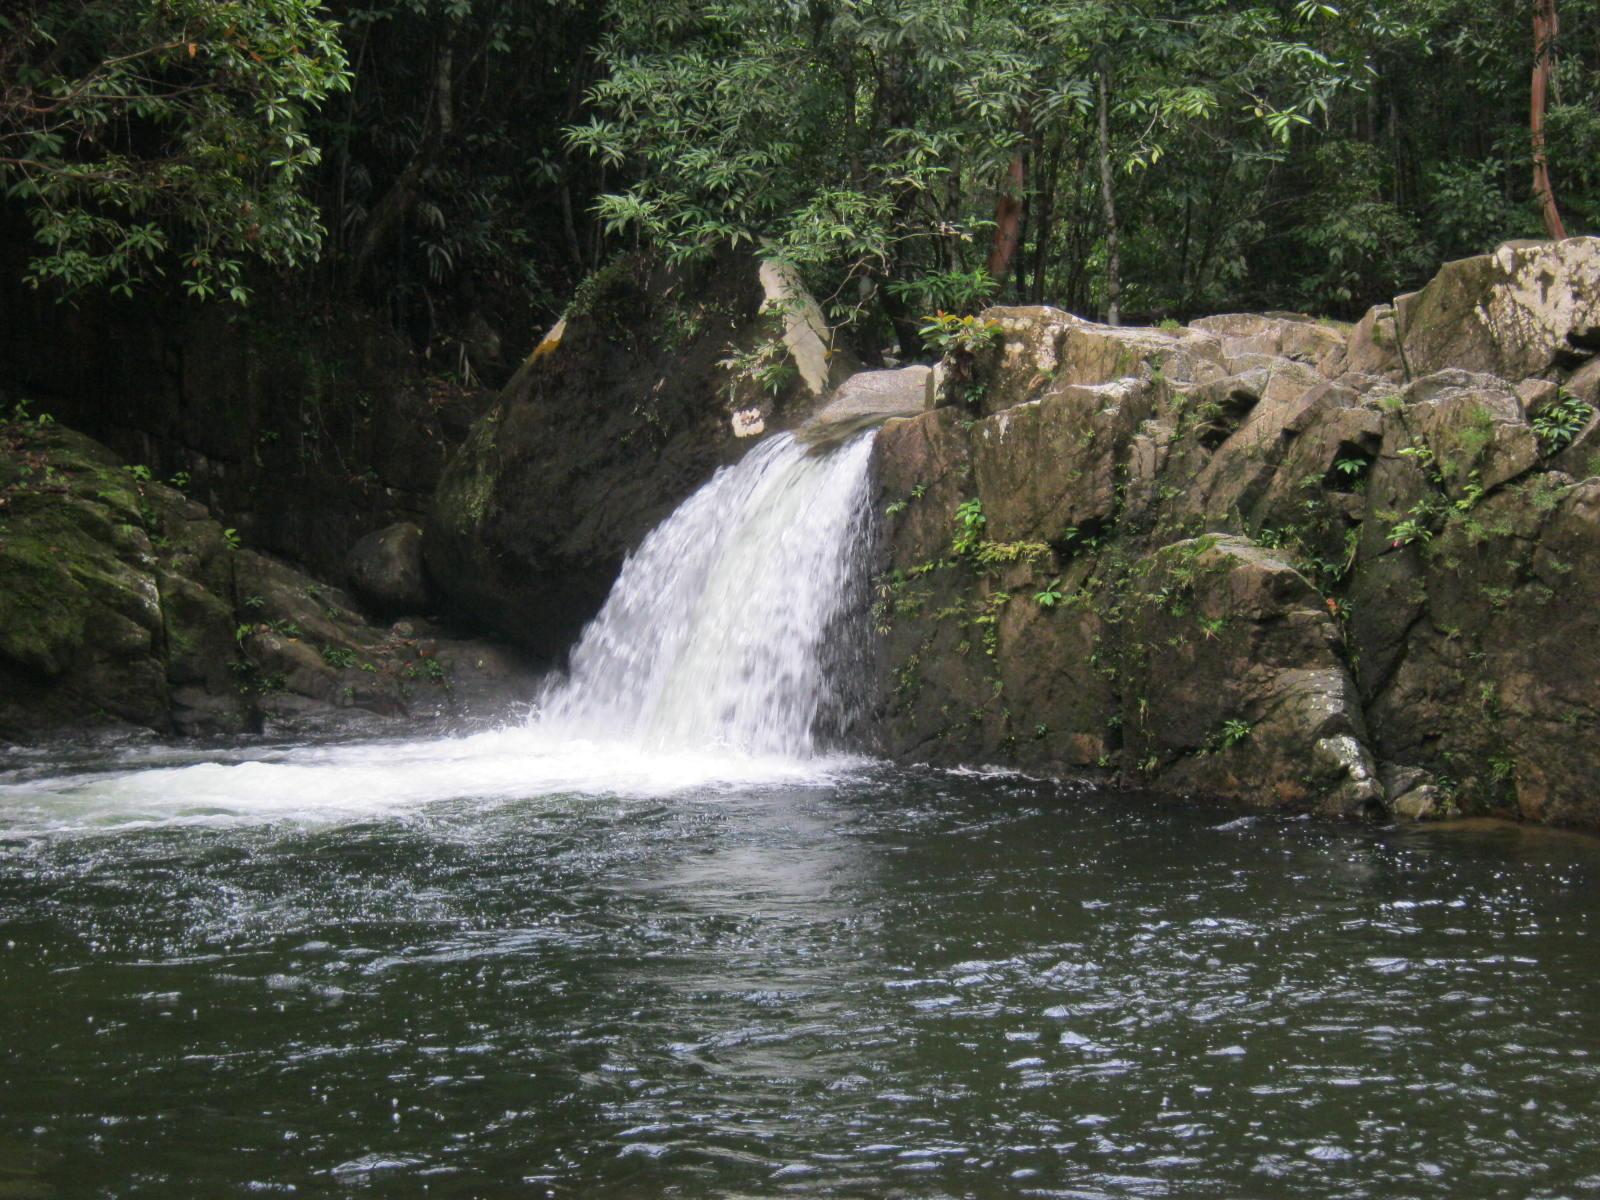 Hutan Lindung Gunung Naning identik dengan PDAM yang sejak tahun 2015 telah memberikan air minum bagi masyarakat Sekadau (Foto Ari/Nico, KpSHK/IMP).